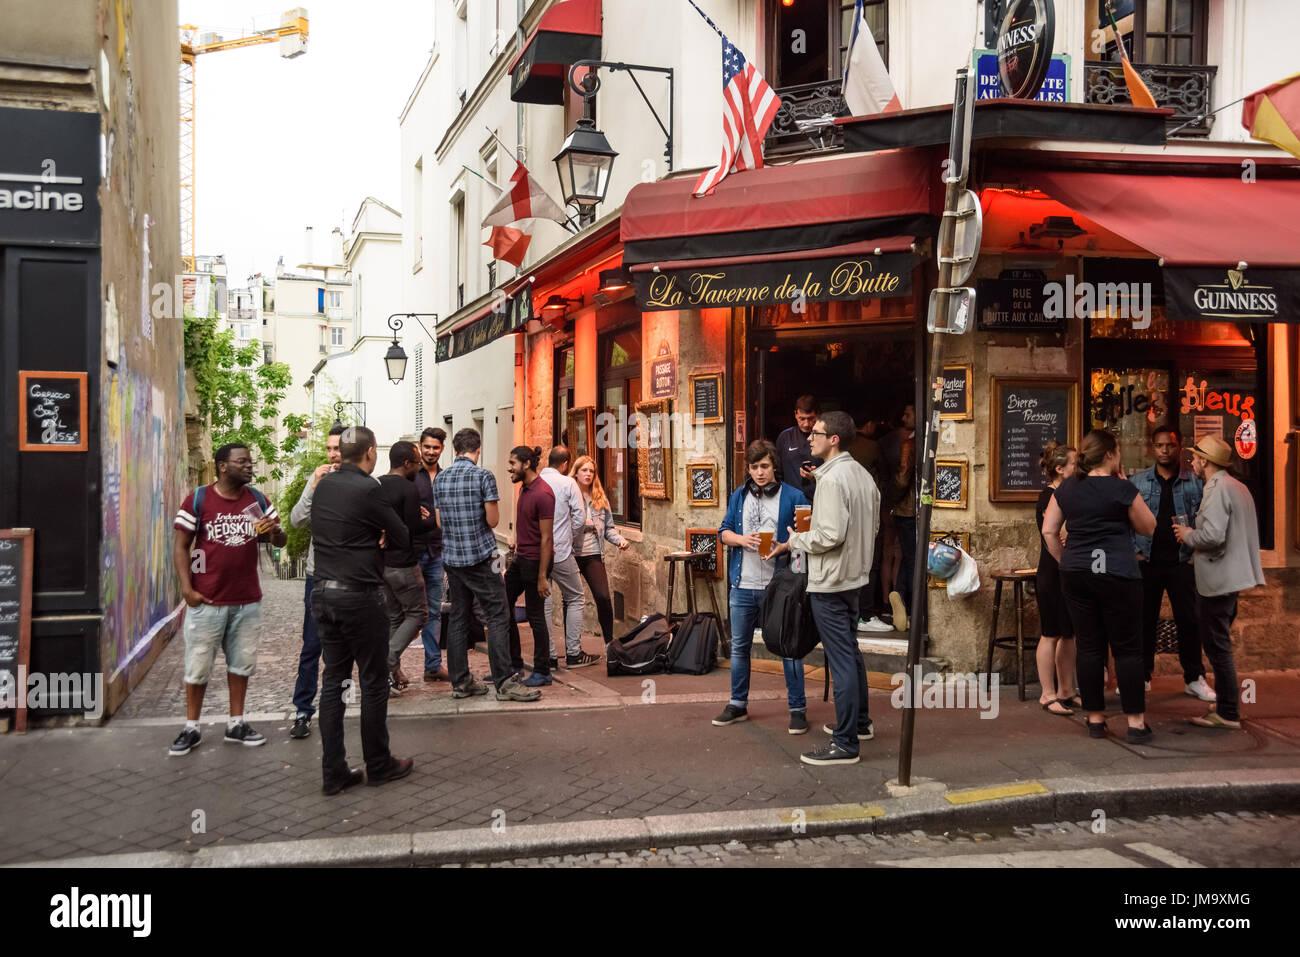 La taverne stock photos la taverne stock images alamy - Restaurant buttes aux cailles ...